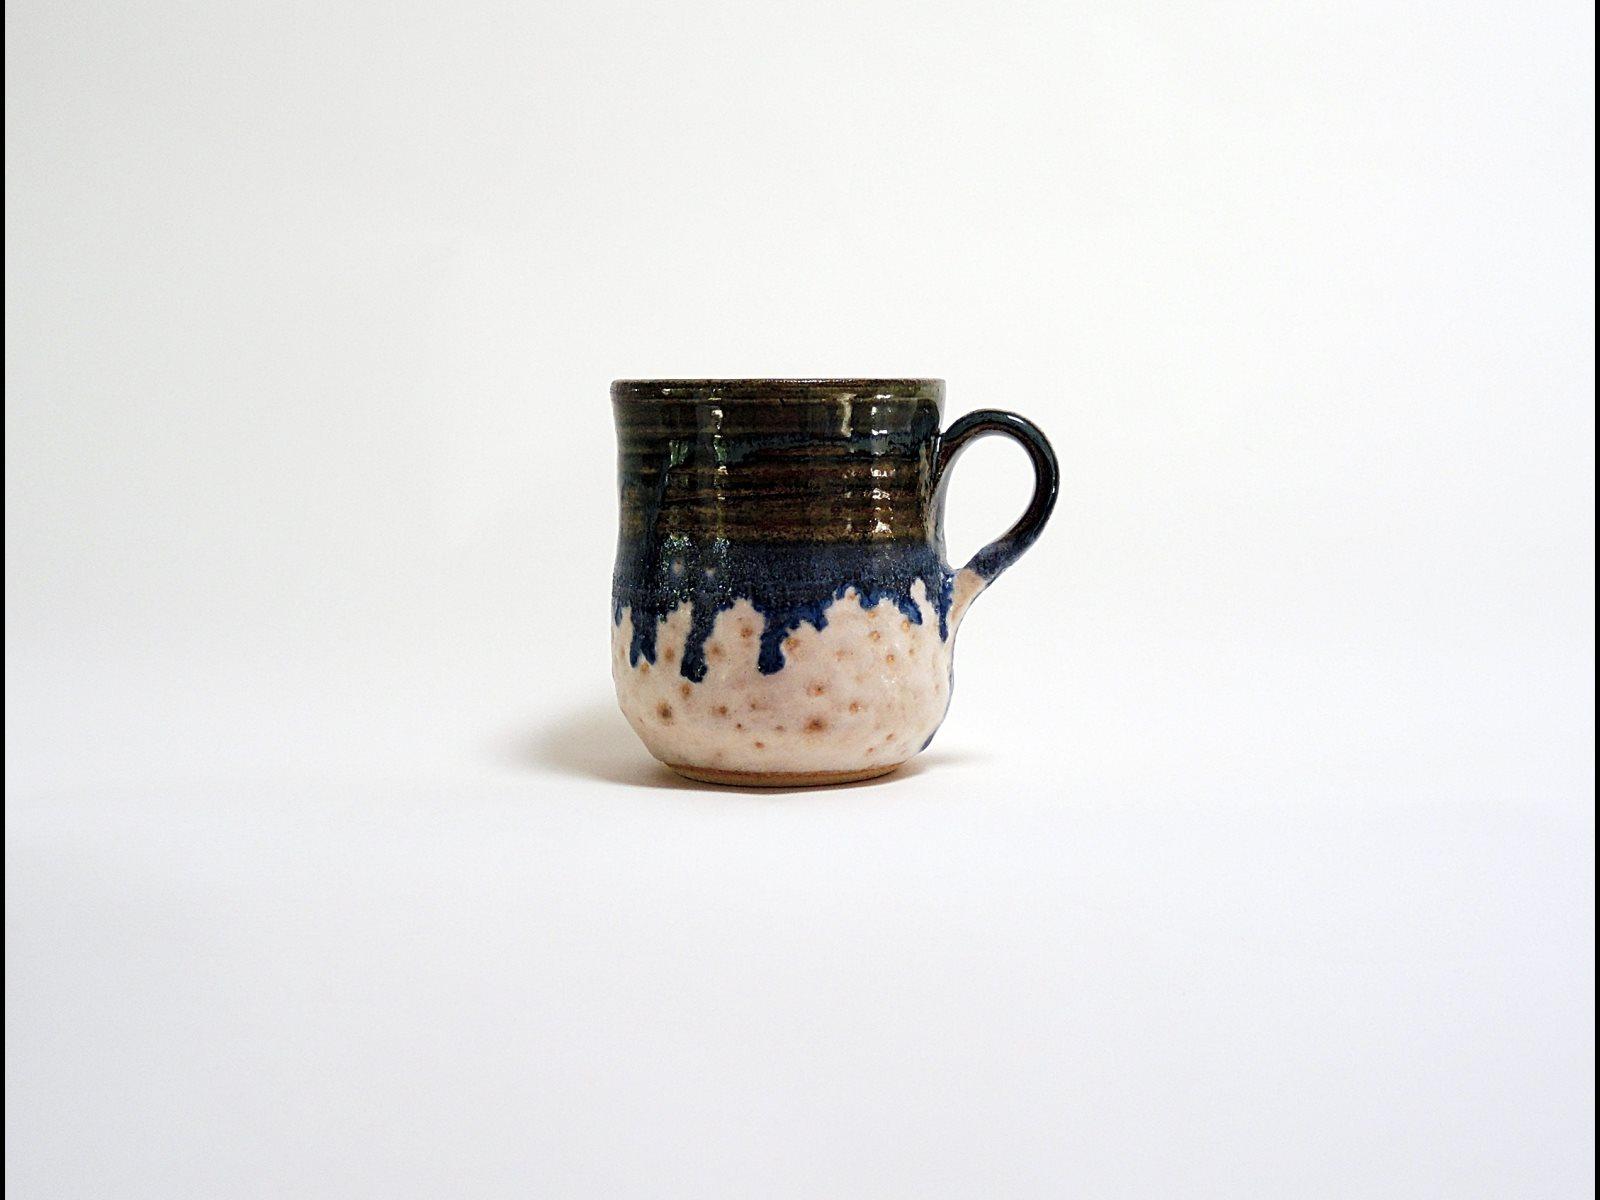 Κούπα για καφέ 001